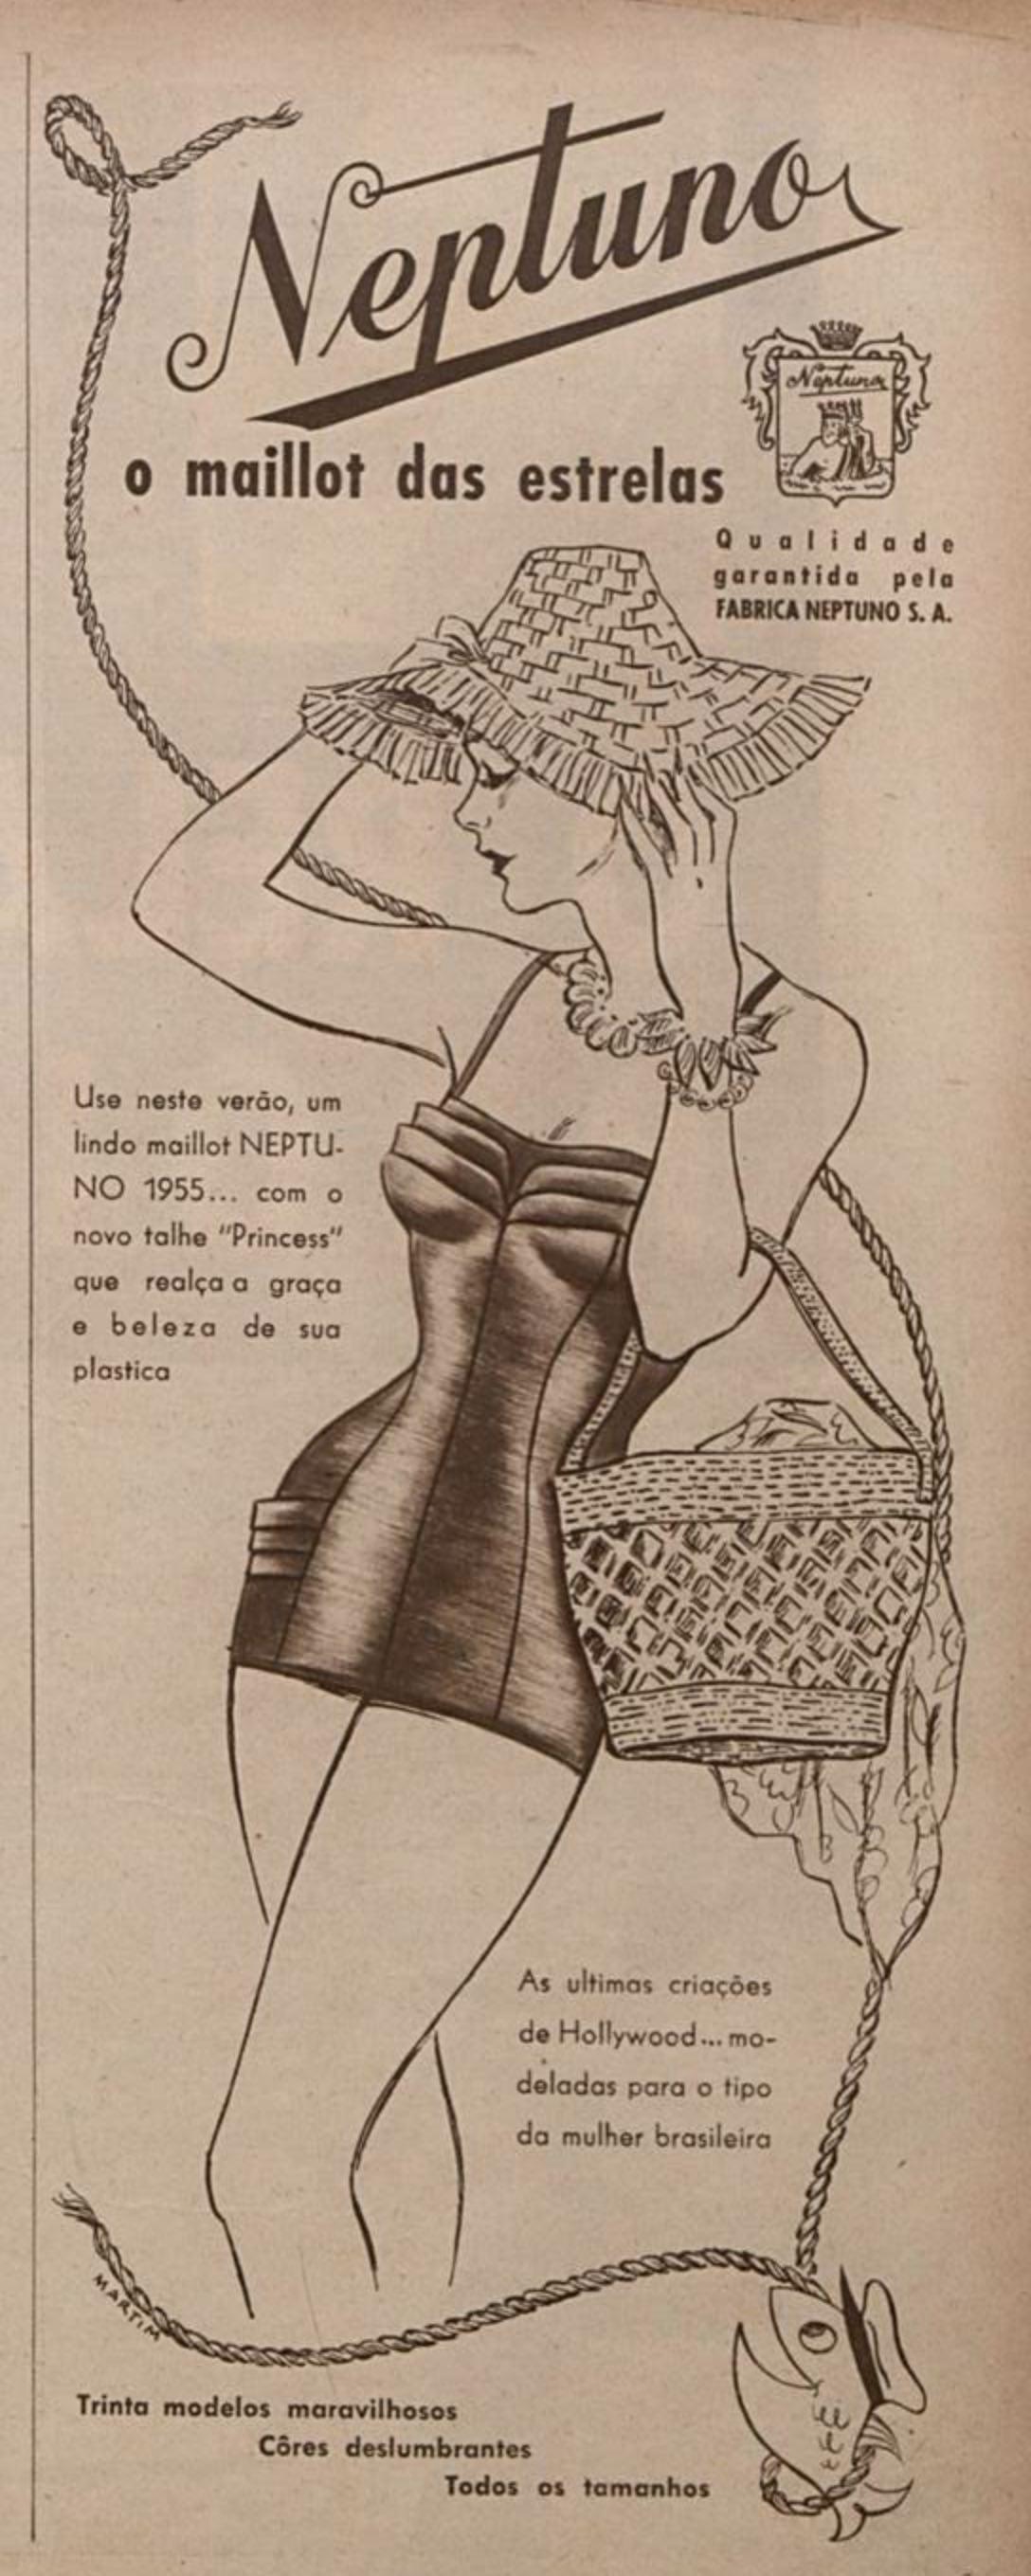 Anúncio antigo veiculado em 1954 do maiô Neptuno para a moda do verão em 1955